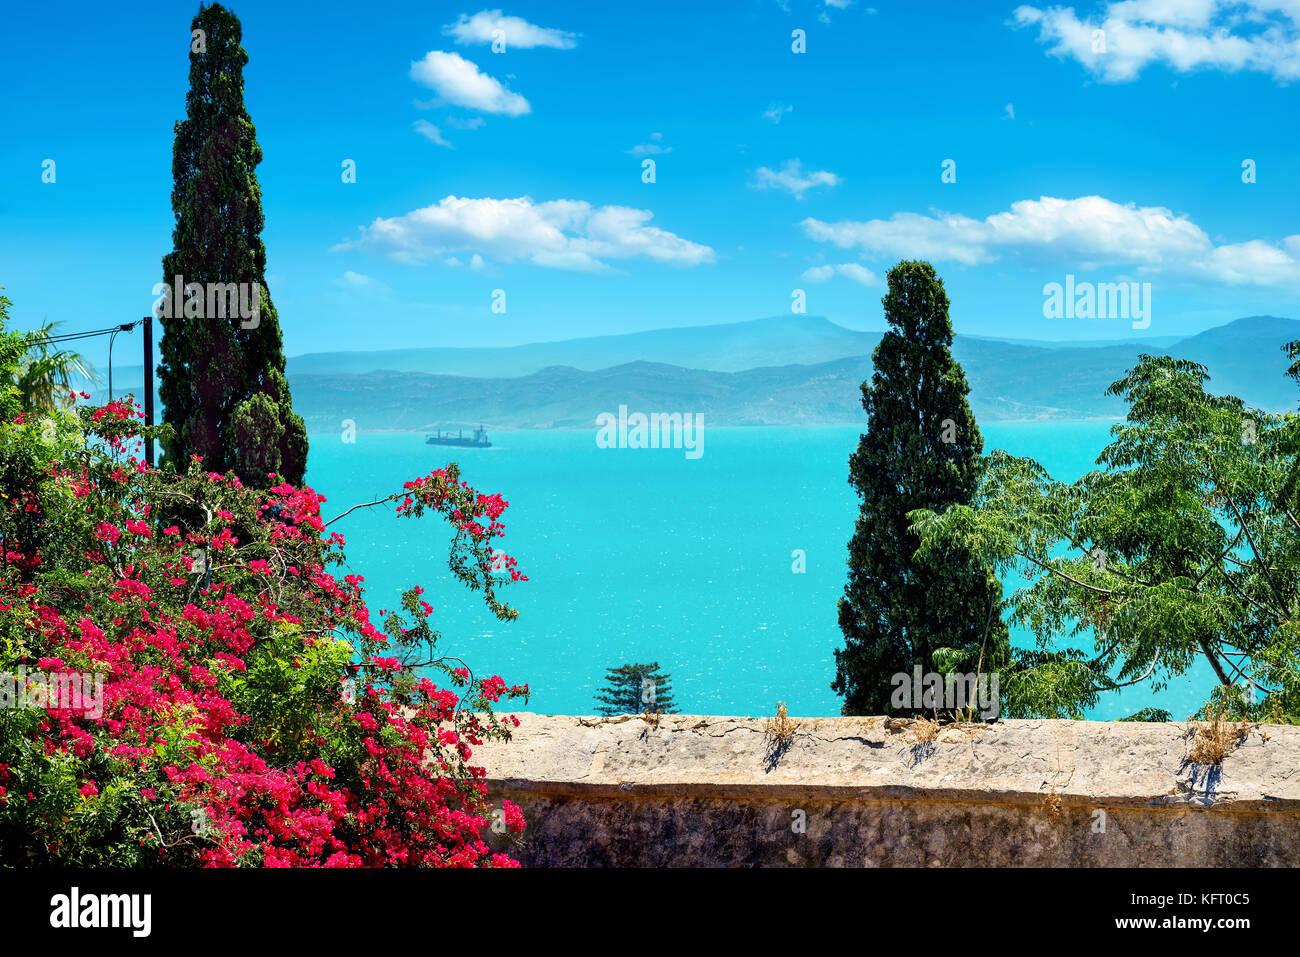 Hermosa vista del jardín de Túnez Cartago bay. Túnez, norte de África Imagen De Stock